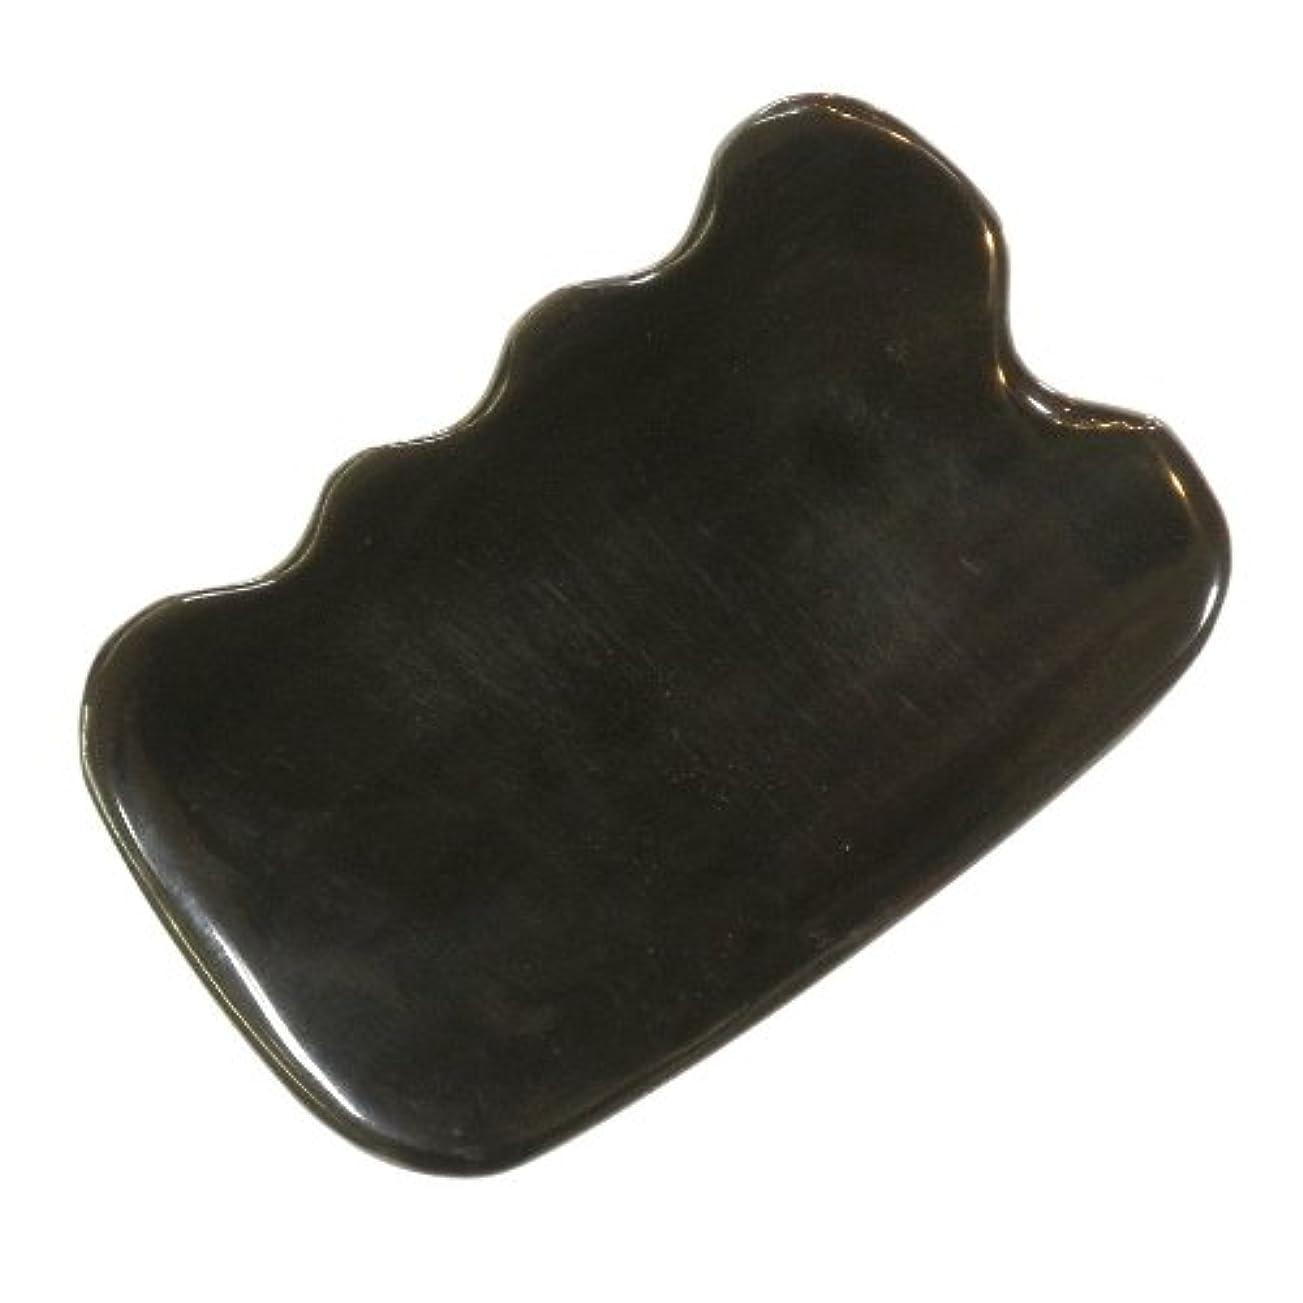 フェザーキャンセル眠っているかっさ プレート 厚さが選べる ヤクの角(水牛の角) EHE272SP 四角波大 特級品 標準(6ミリ程度)